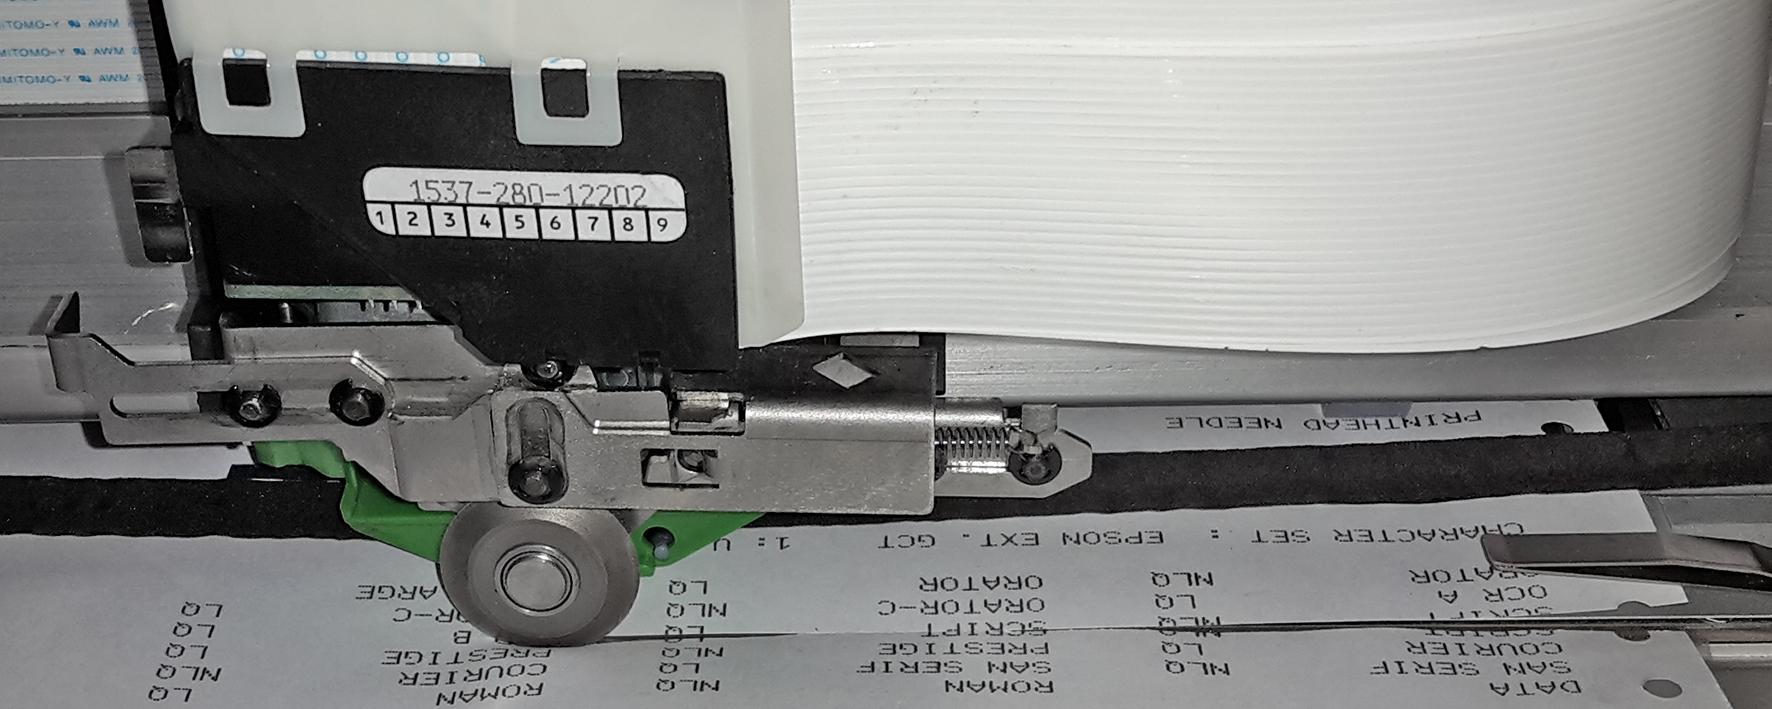 Zeilenmatrixdrucker_Schneider